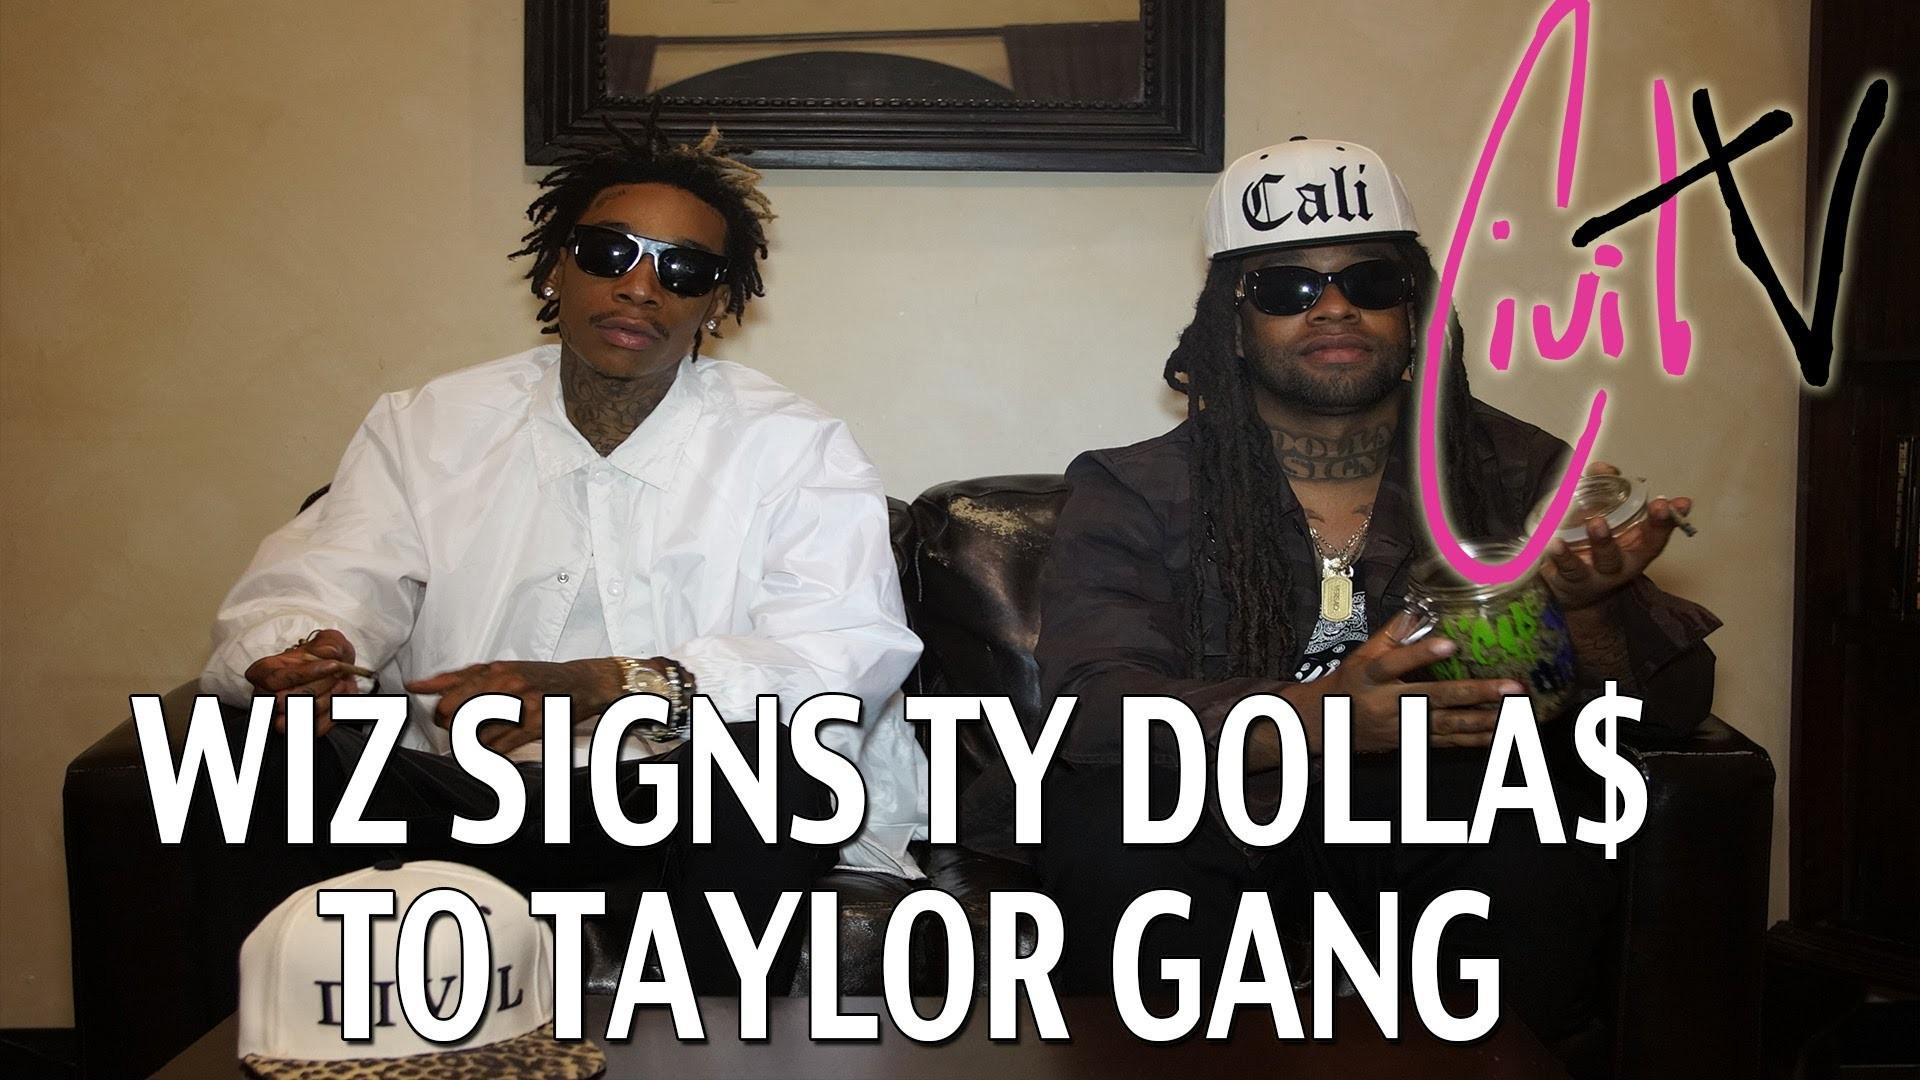 Wiz Khalifa Taylor Gang Wallpaper (71+ images)